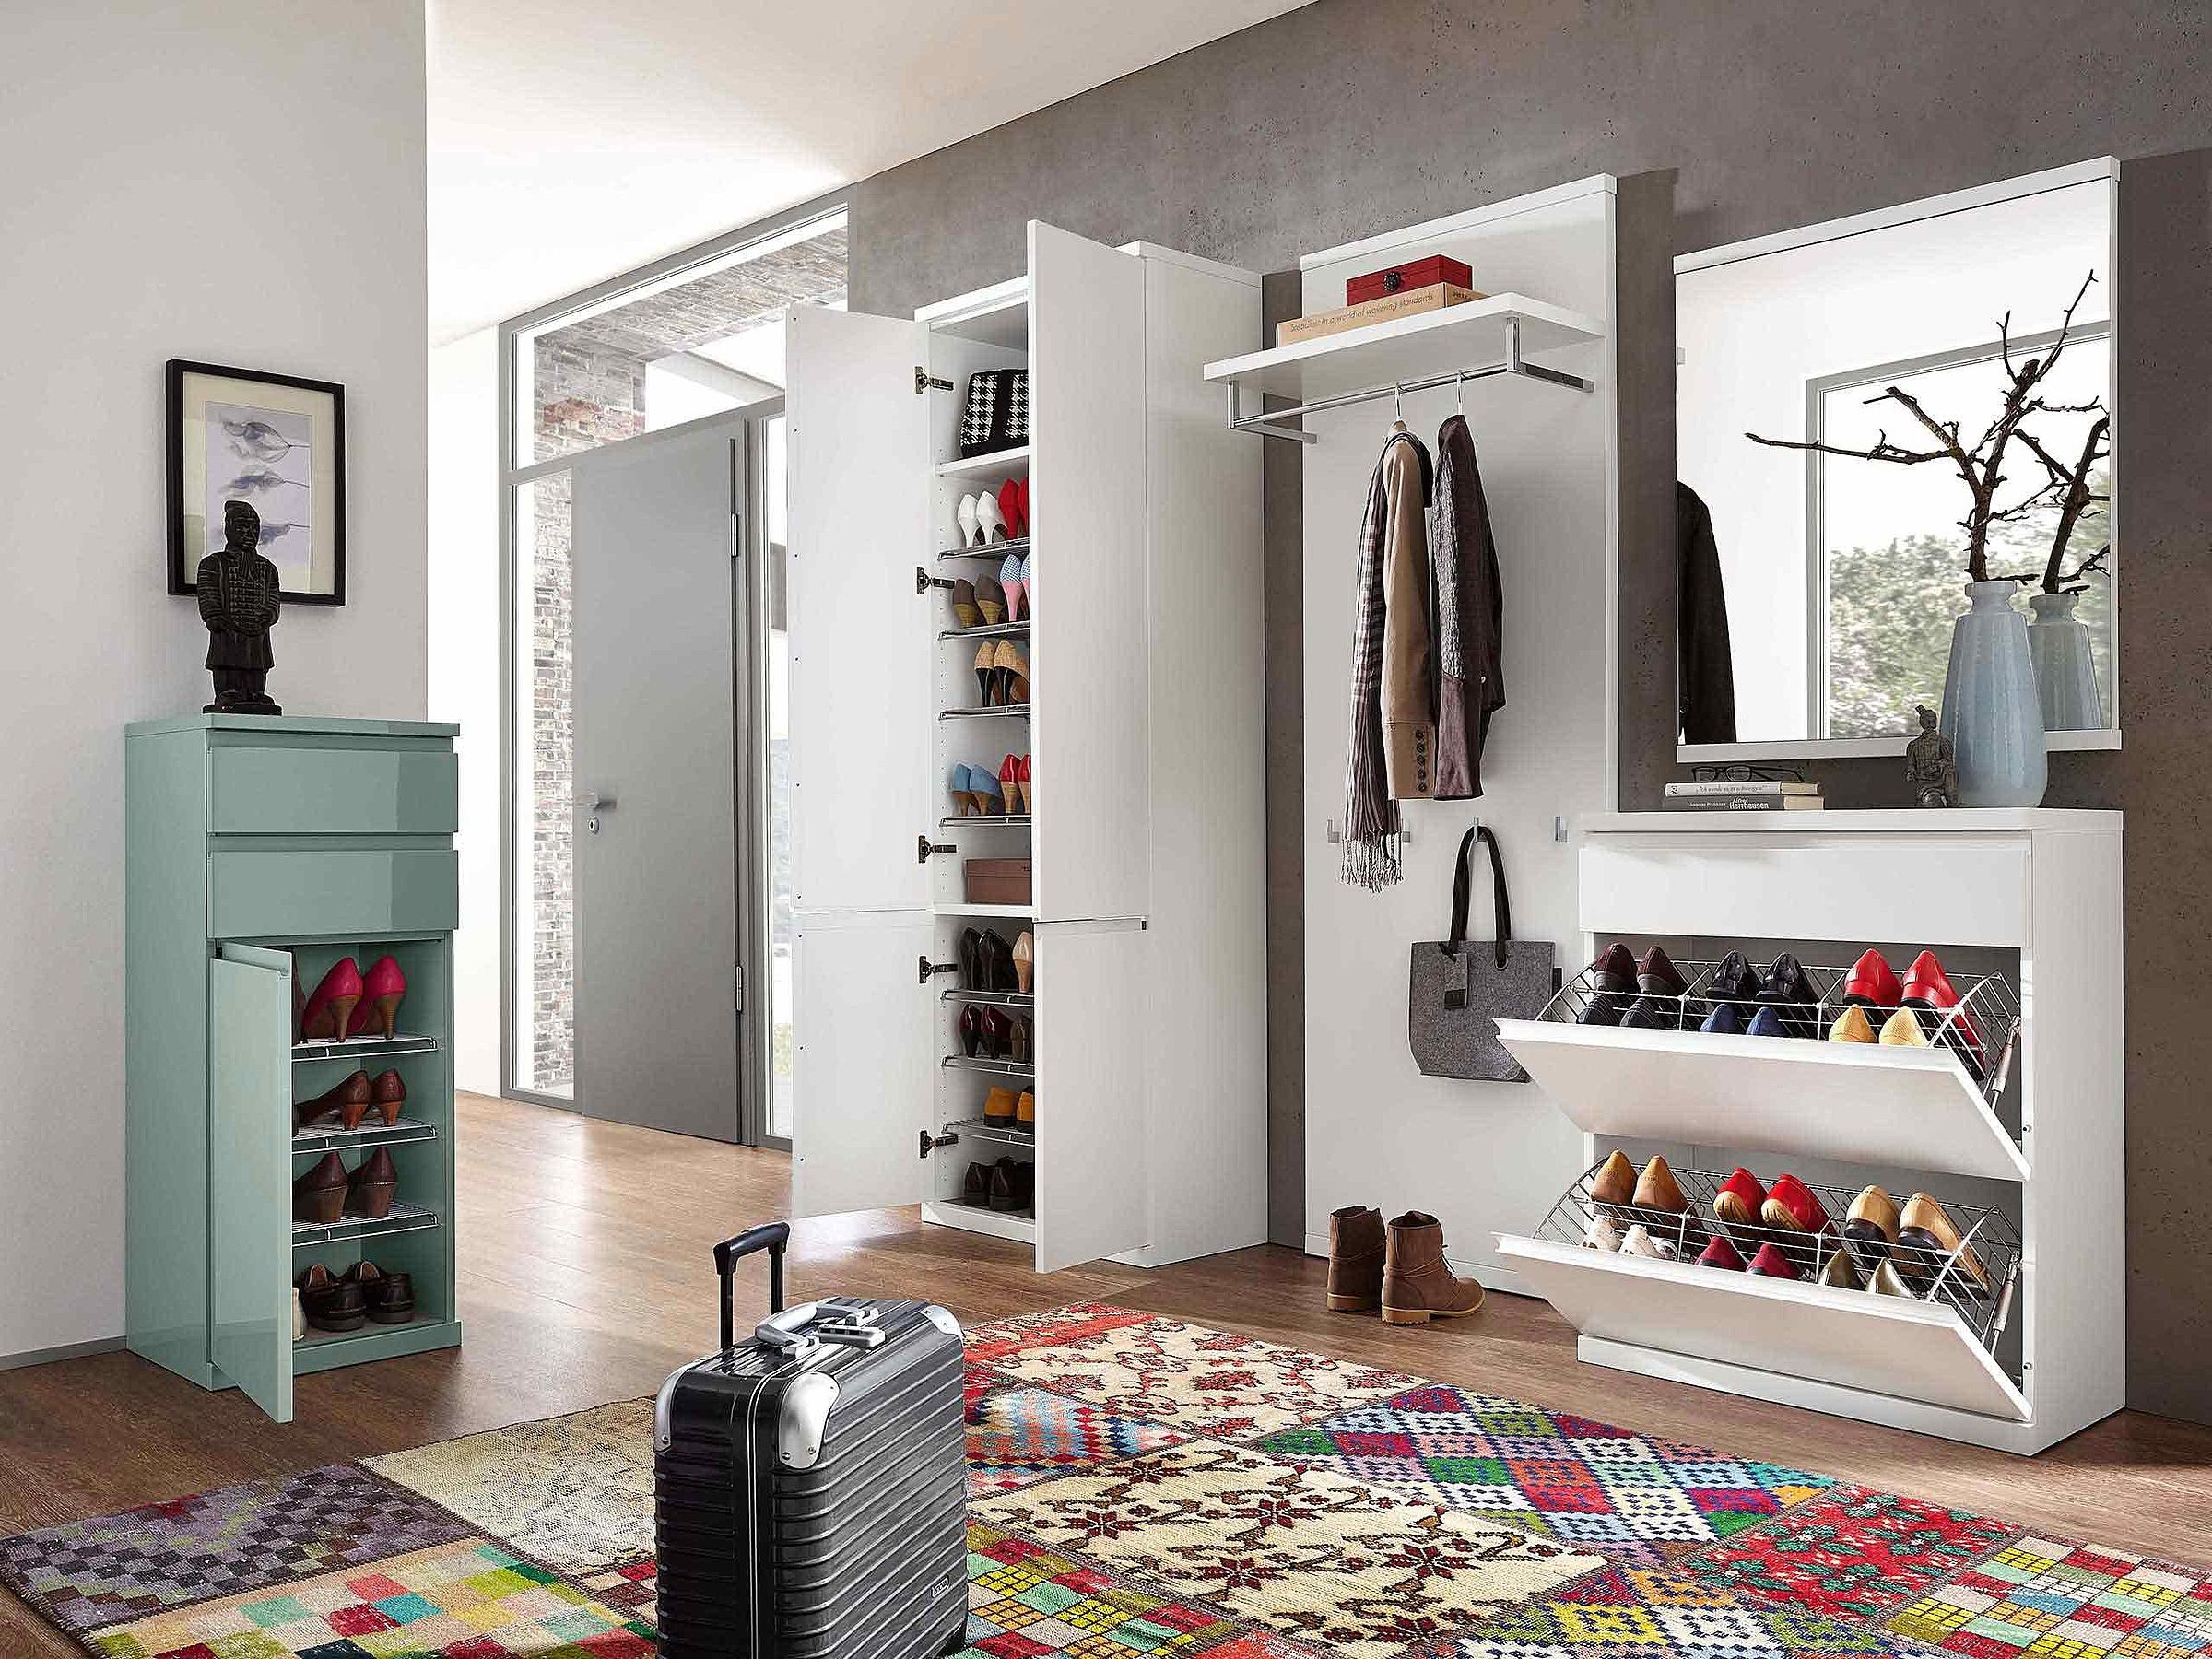 Garderobenschrank Garderobenpaneel Schuhschrank Spiegel Garderobe Enjoy Lack weiß